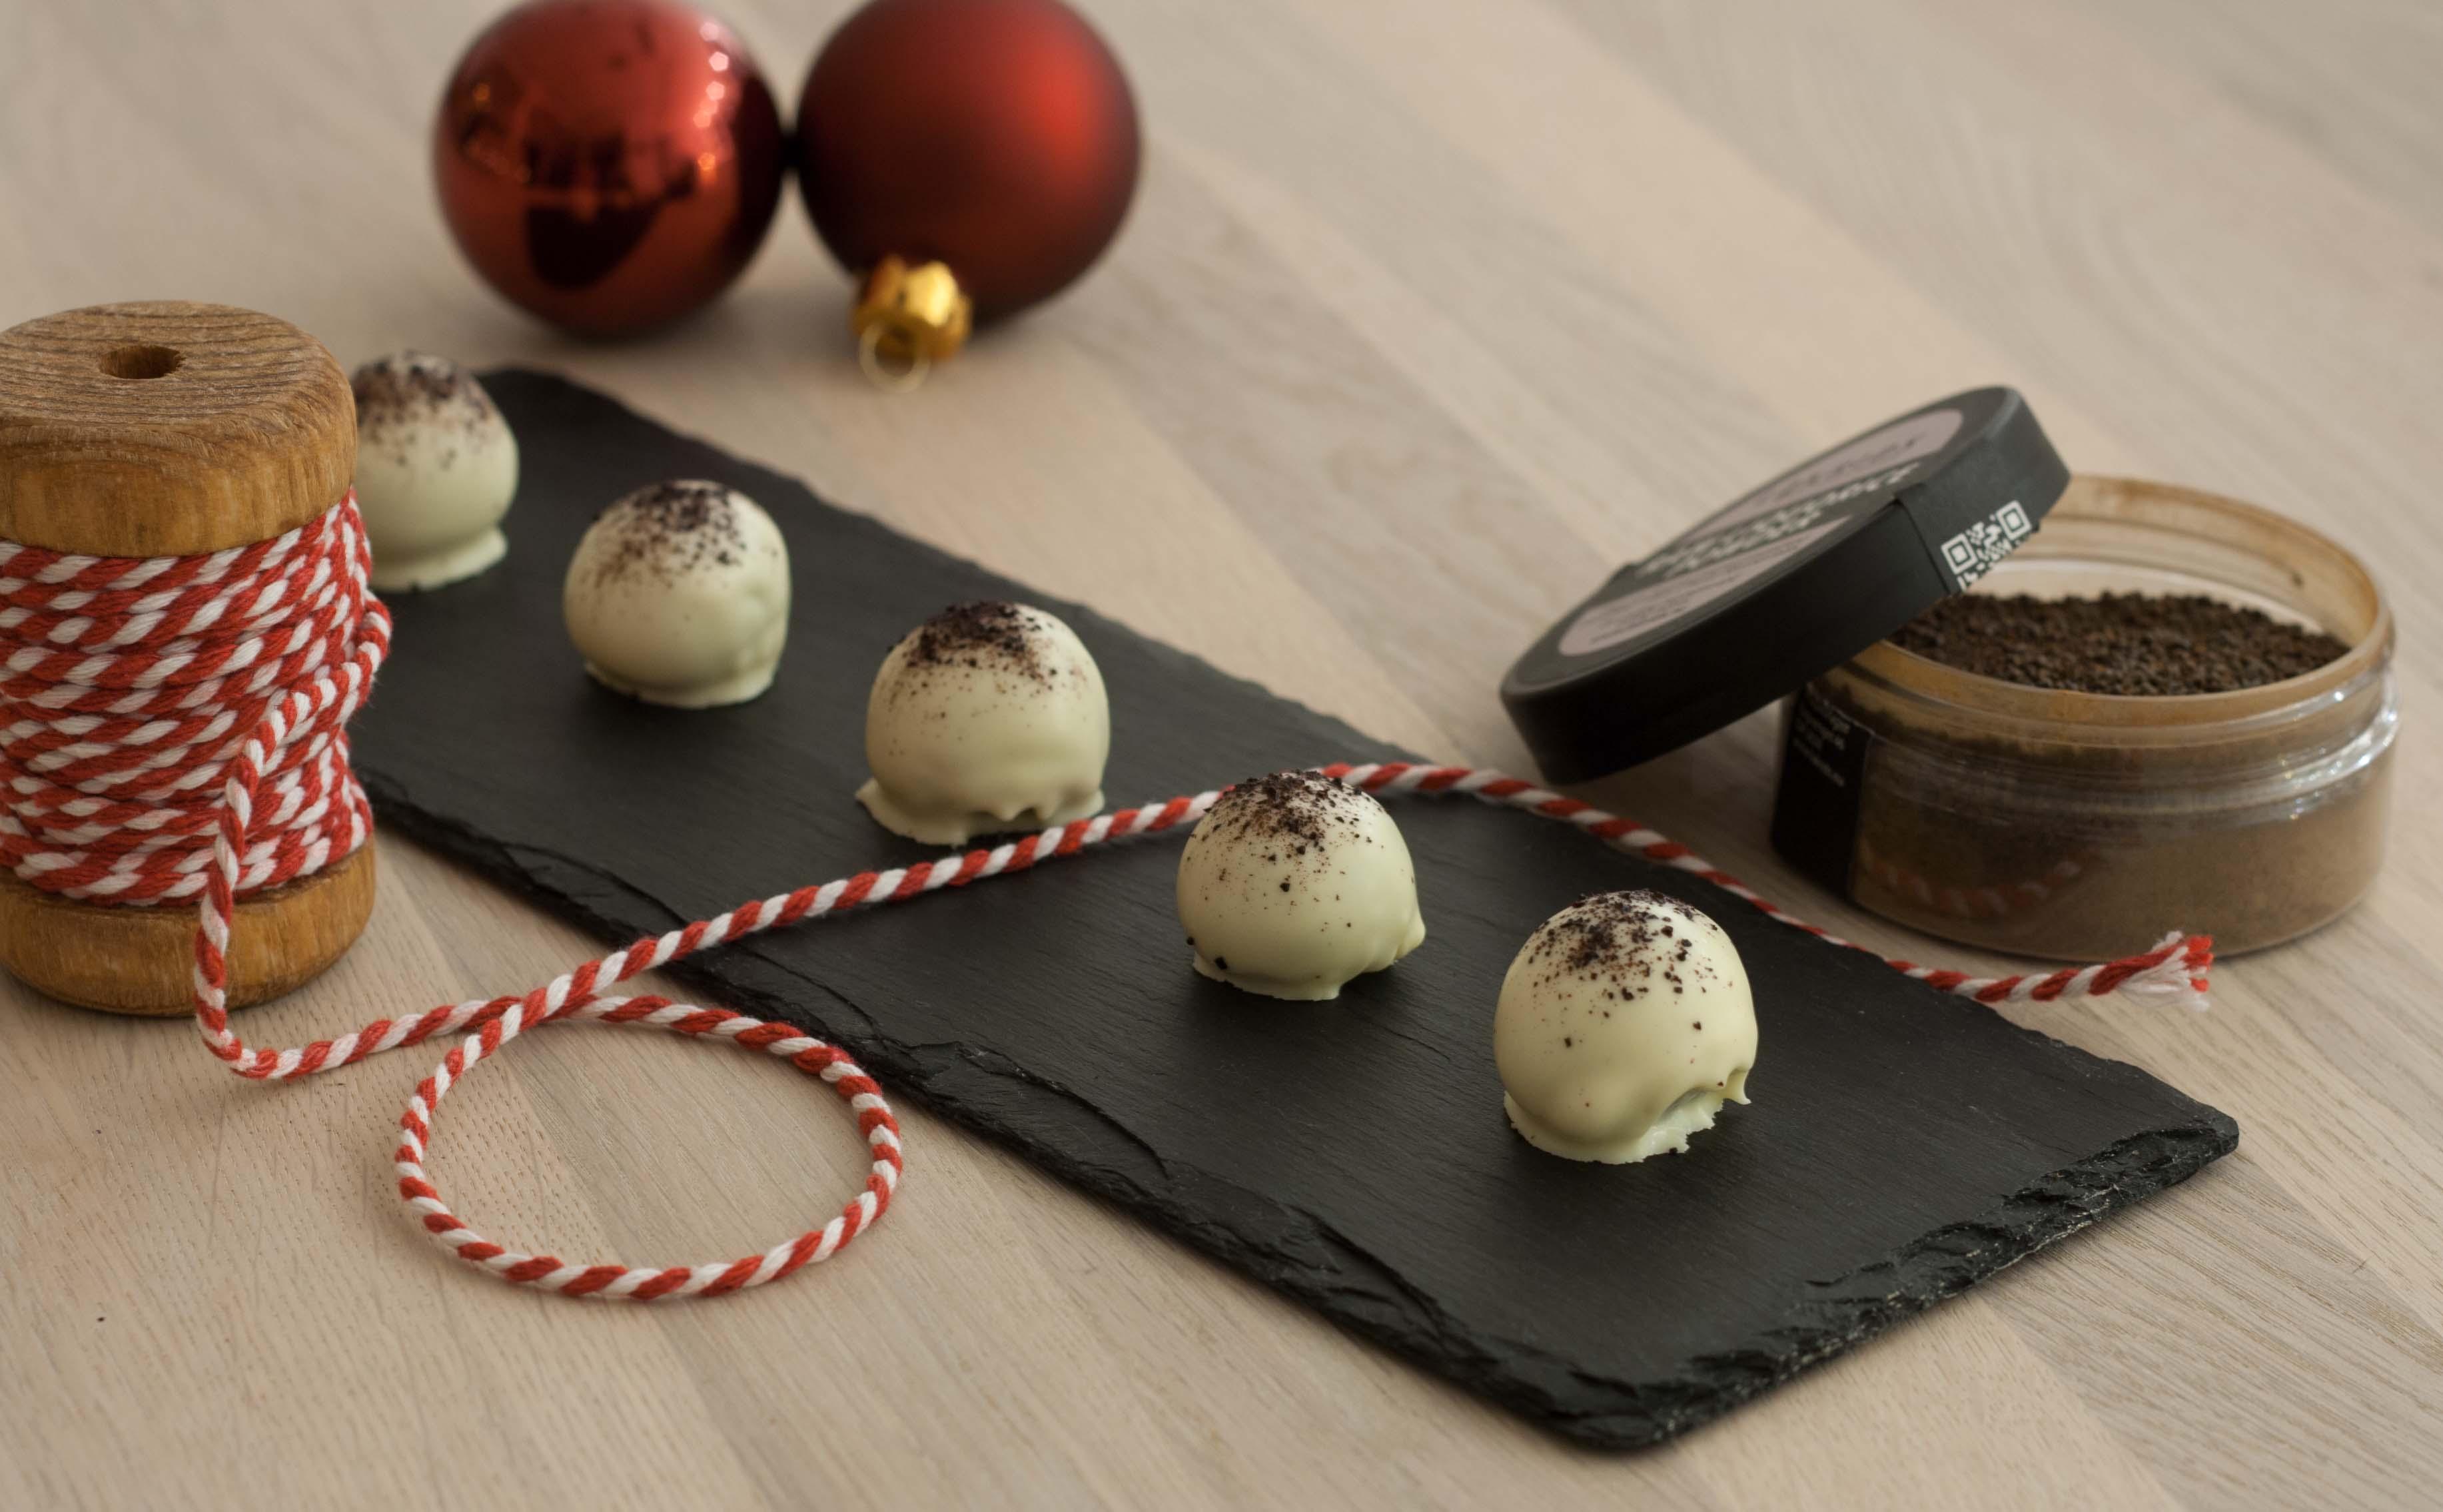 Opskrift på hjemmelavede Marcipankugler med lakrids & hvid chokolade - perfekt til jul, nem opskrift